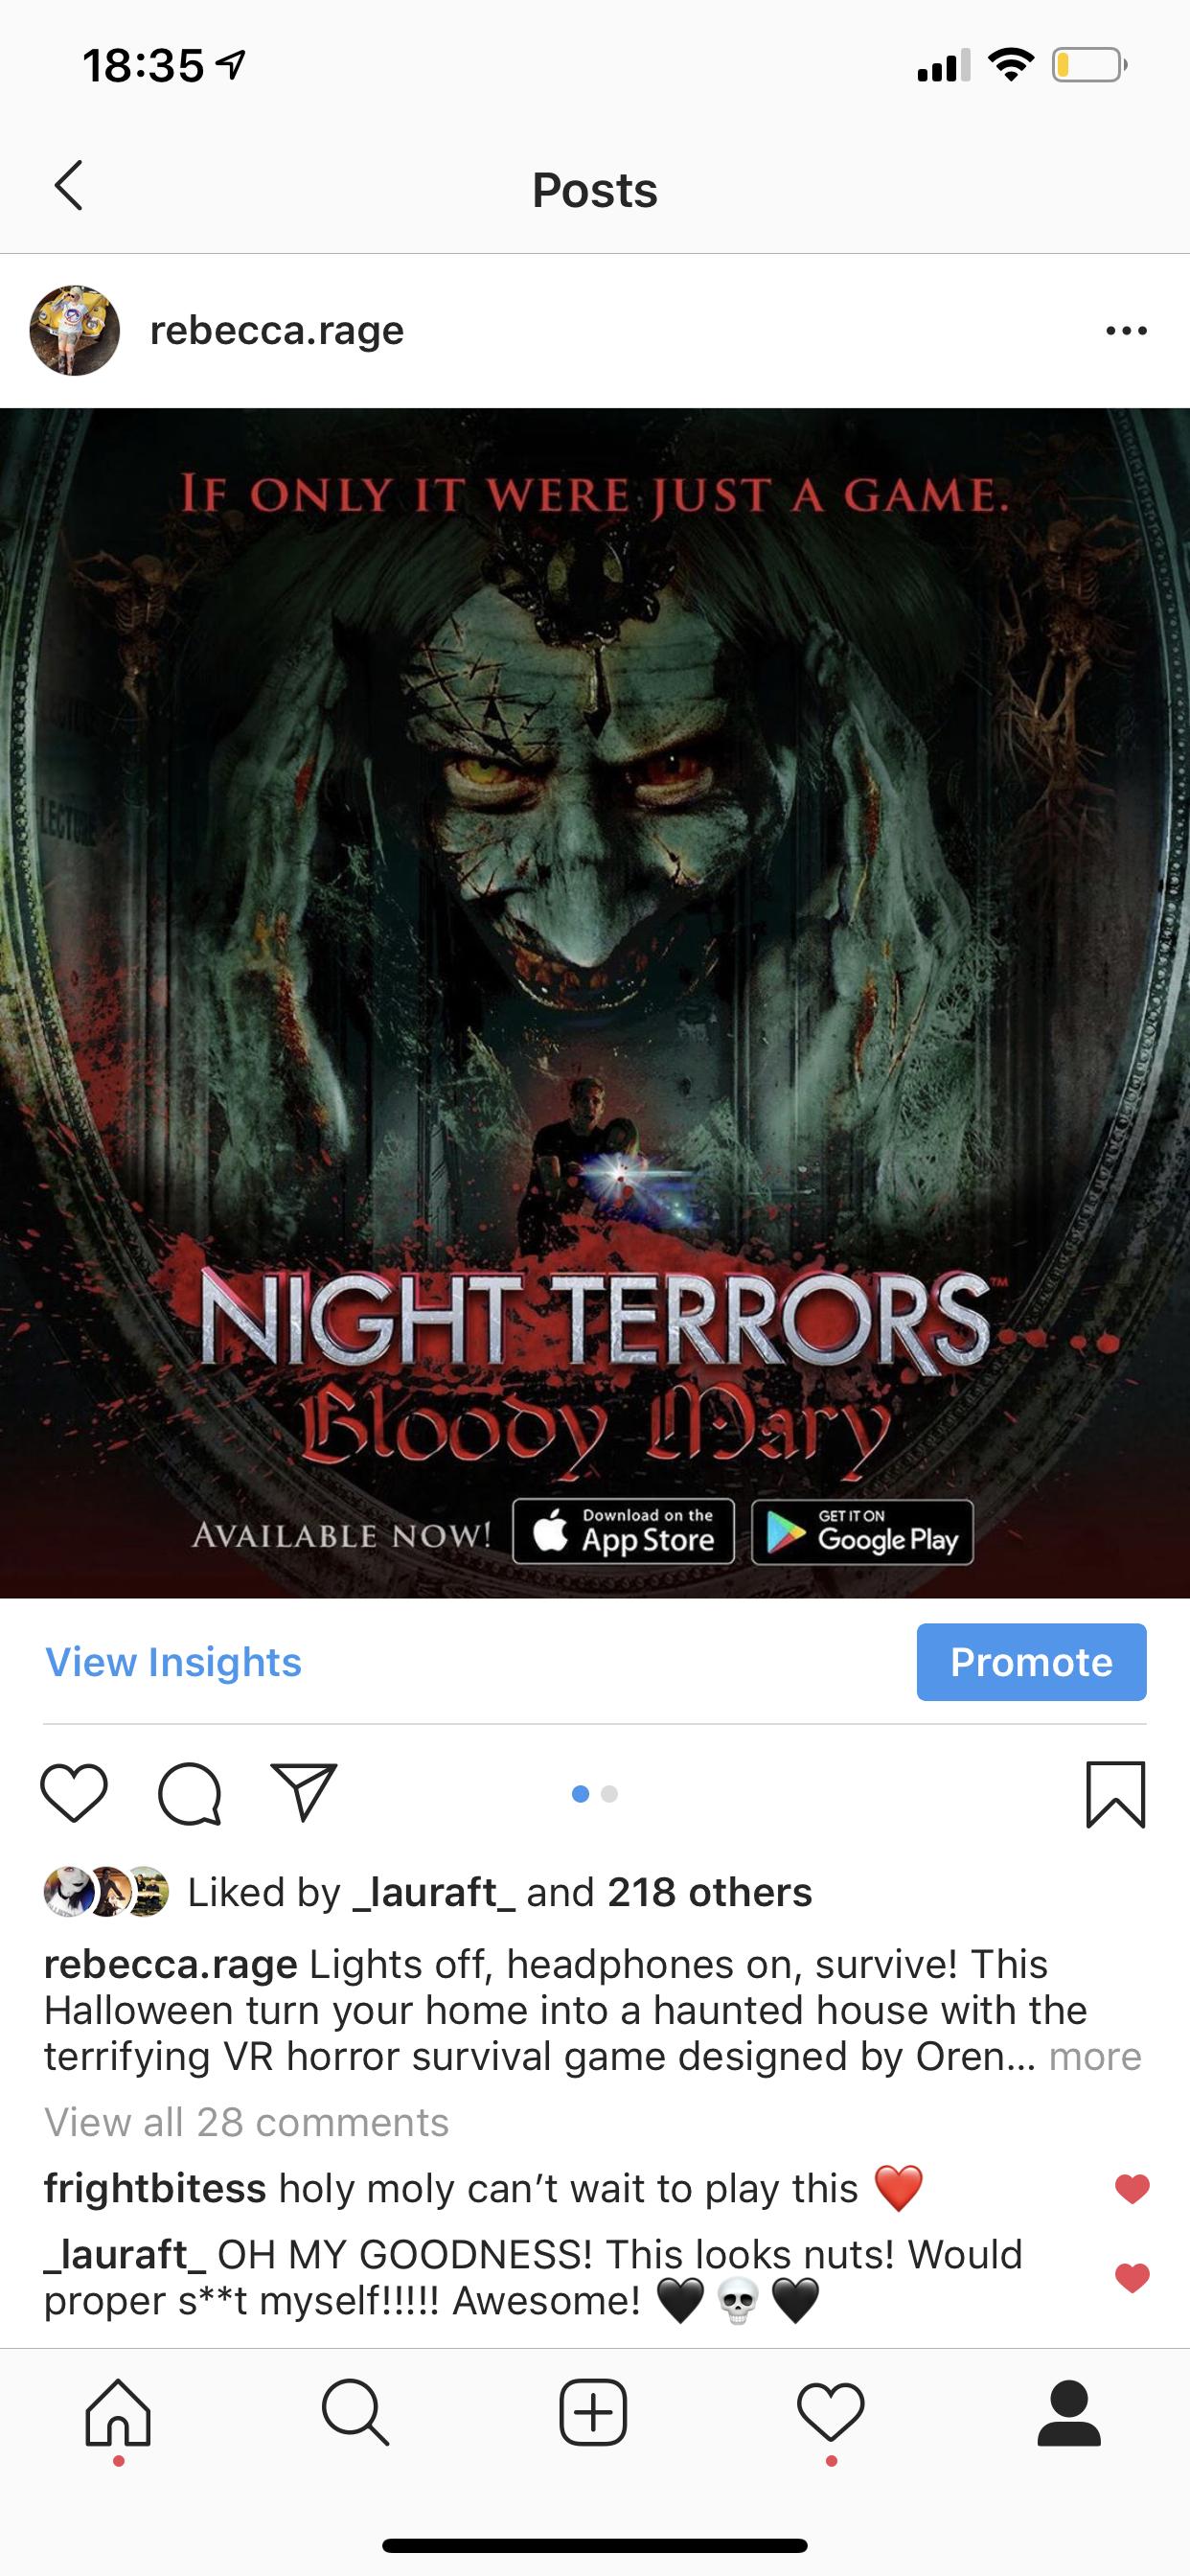 @rebecca.rage's snapchat picture for nightterrorsapp